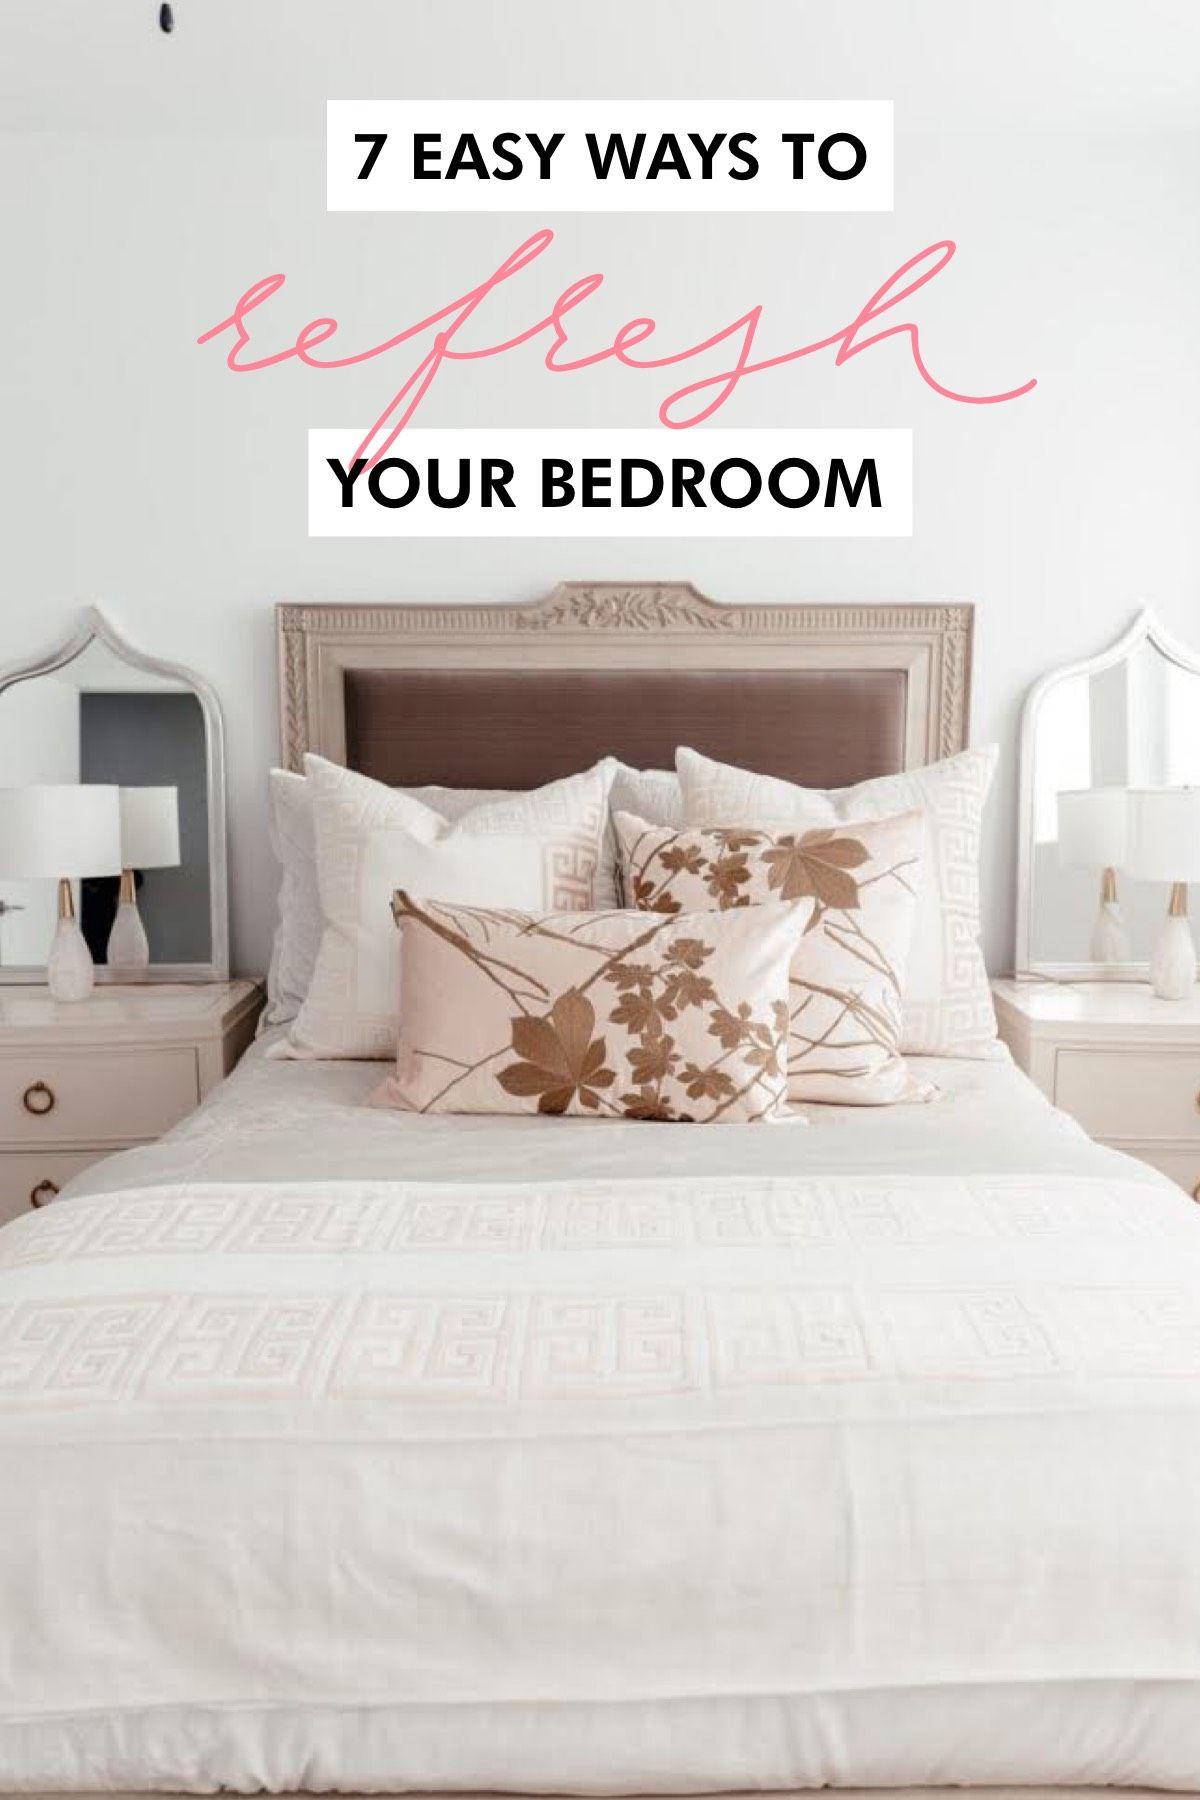 7 Easy Ways To Refresh Your Bedroom In 2020 Bedroom It Happened